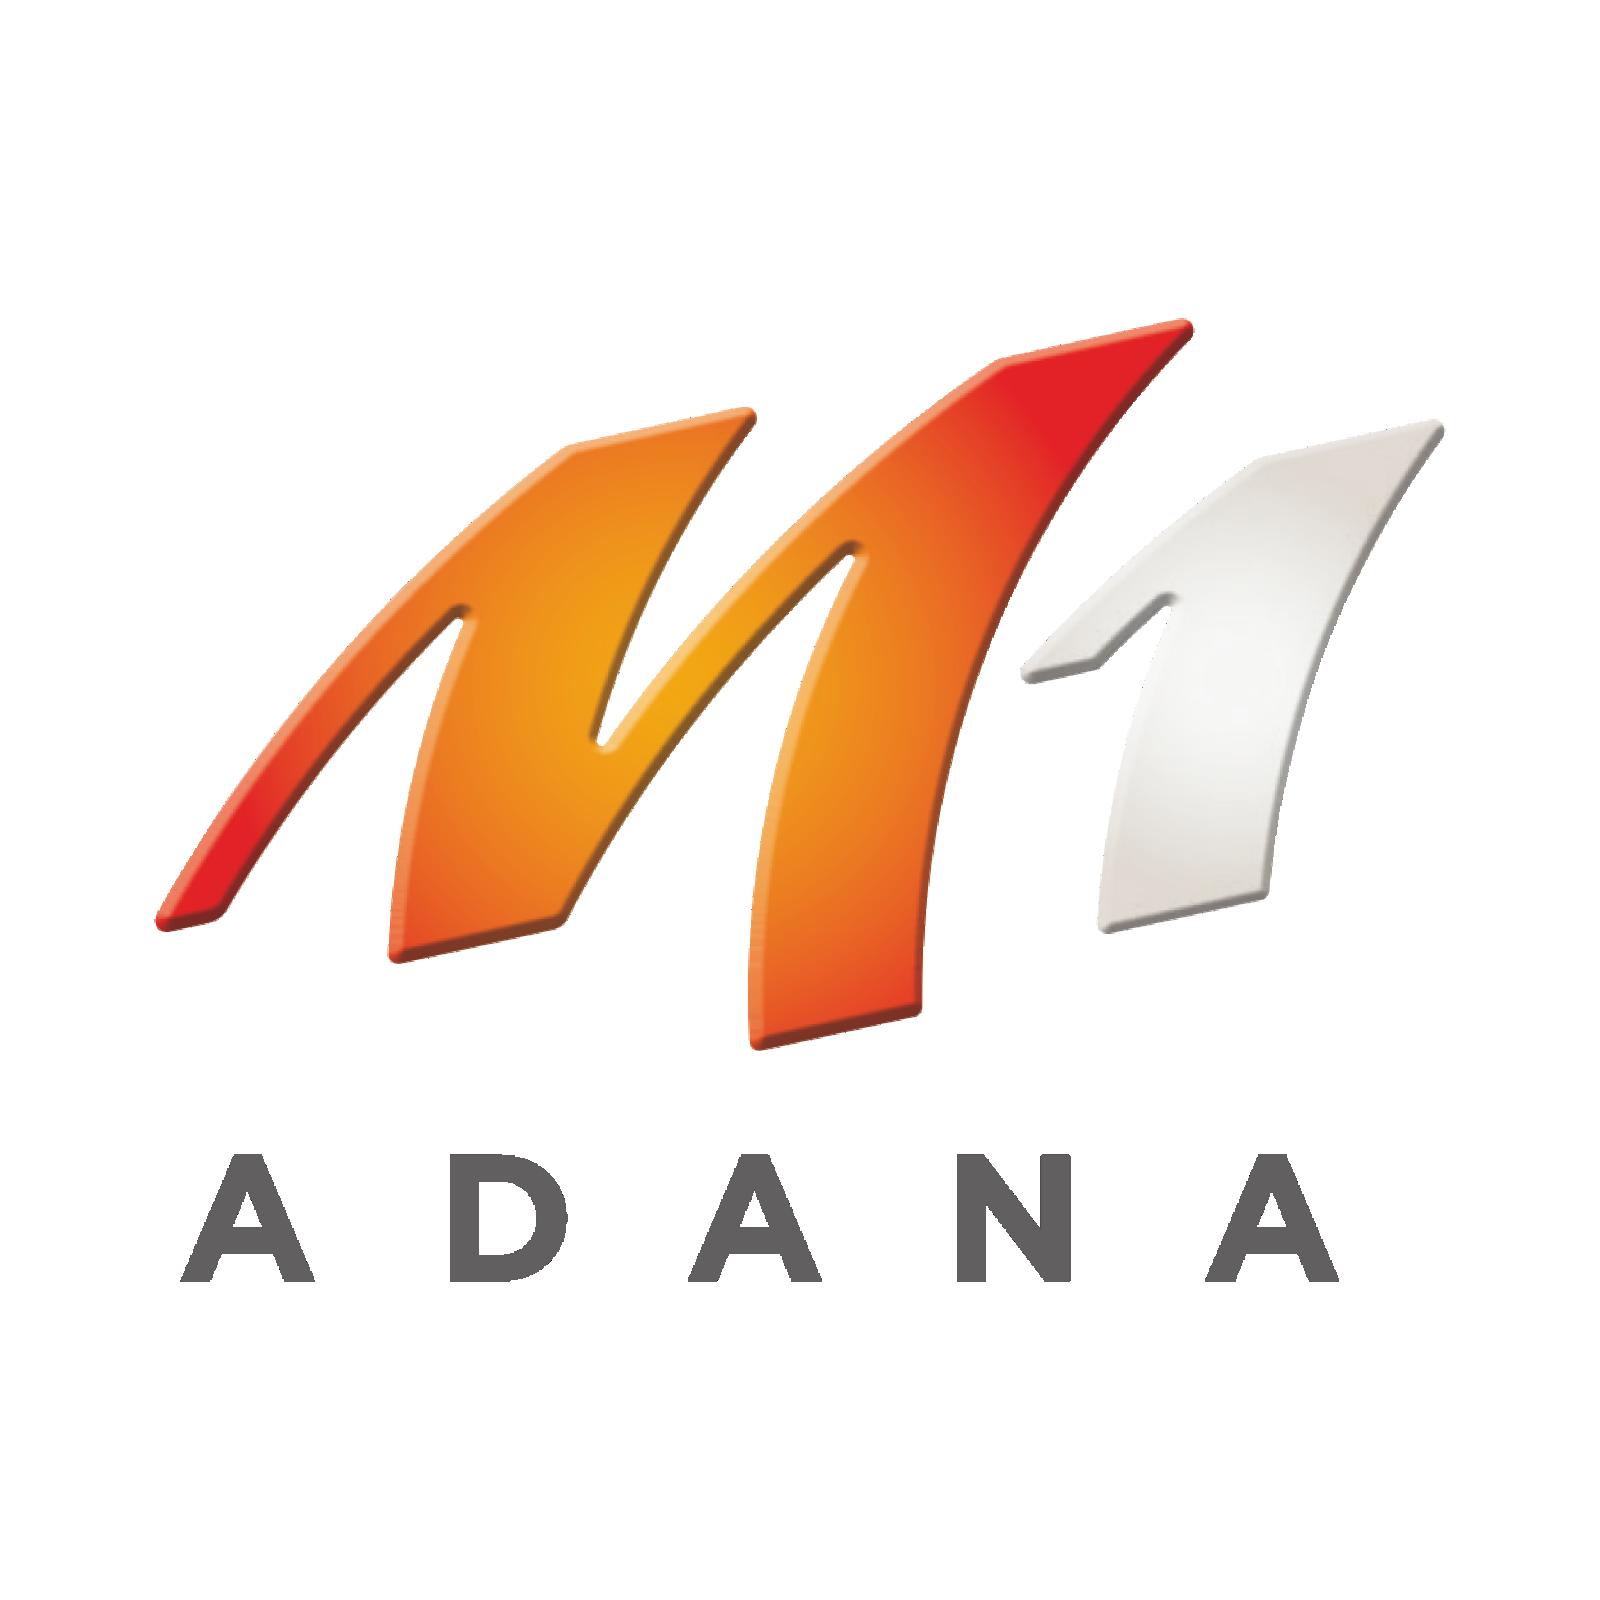 ADANA M1